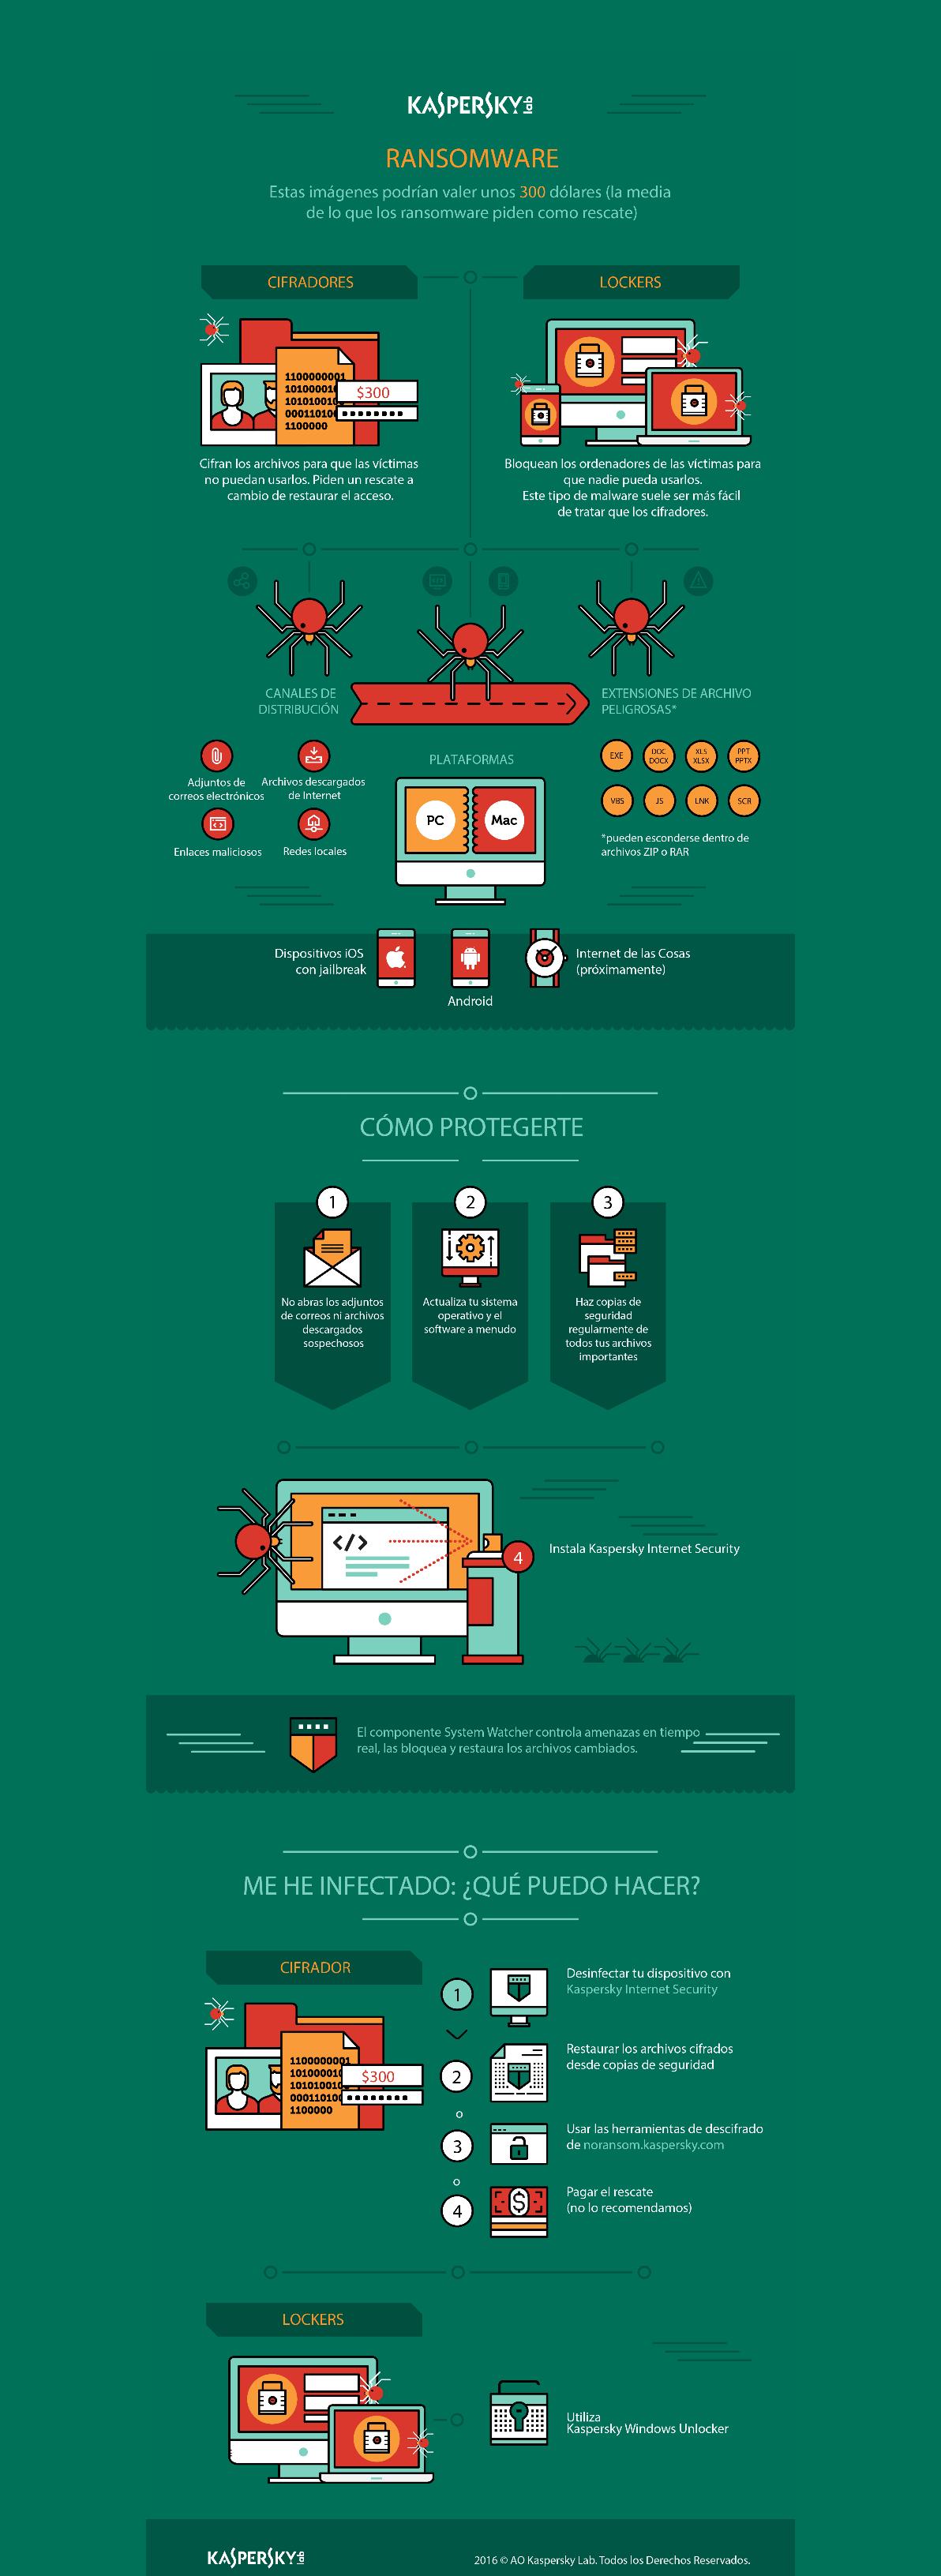 La infografía de ransomware